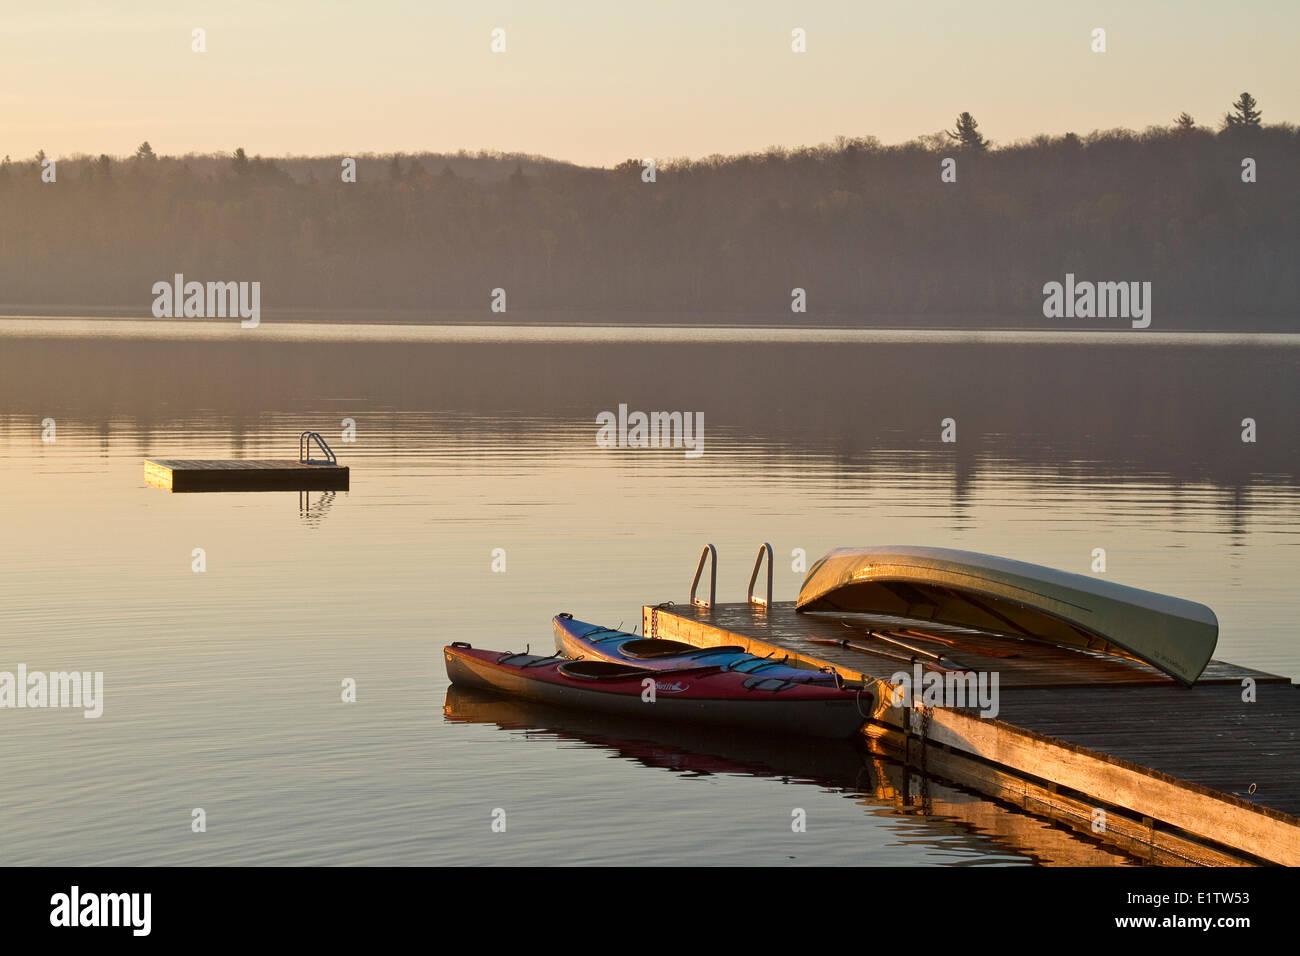 Canoas y kayaks en dock, lago de origen, Algonquin Park, Ontario, Canadá. Foto de stock